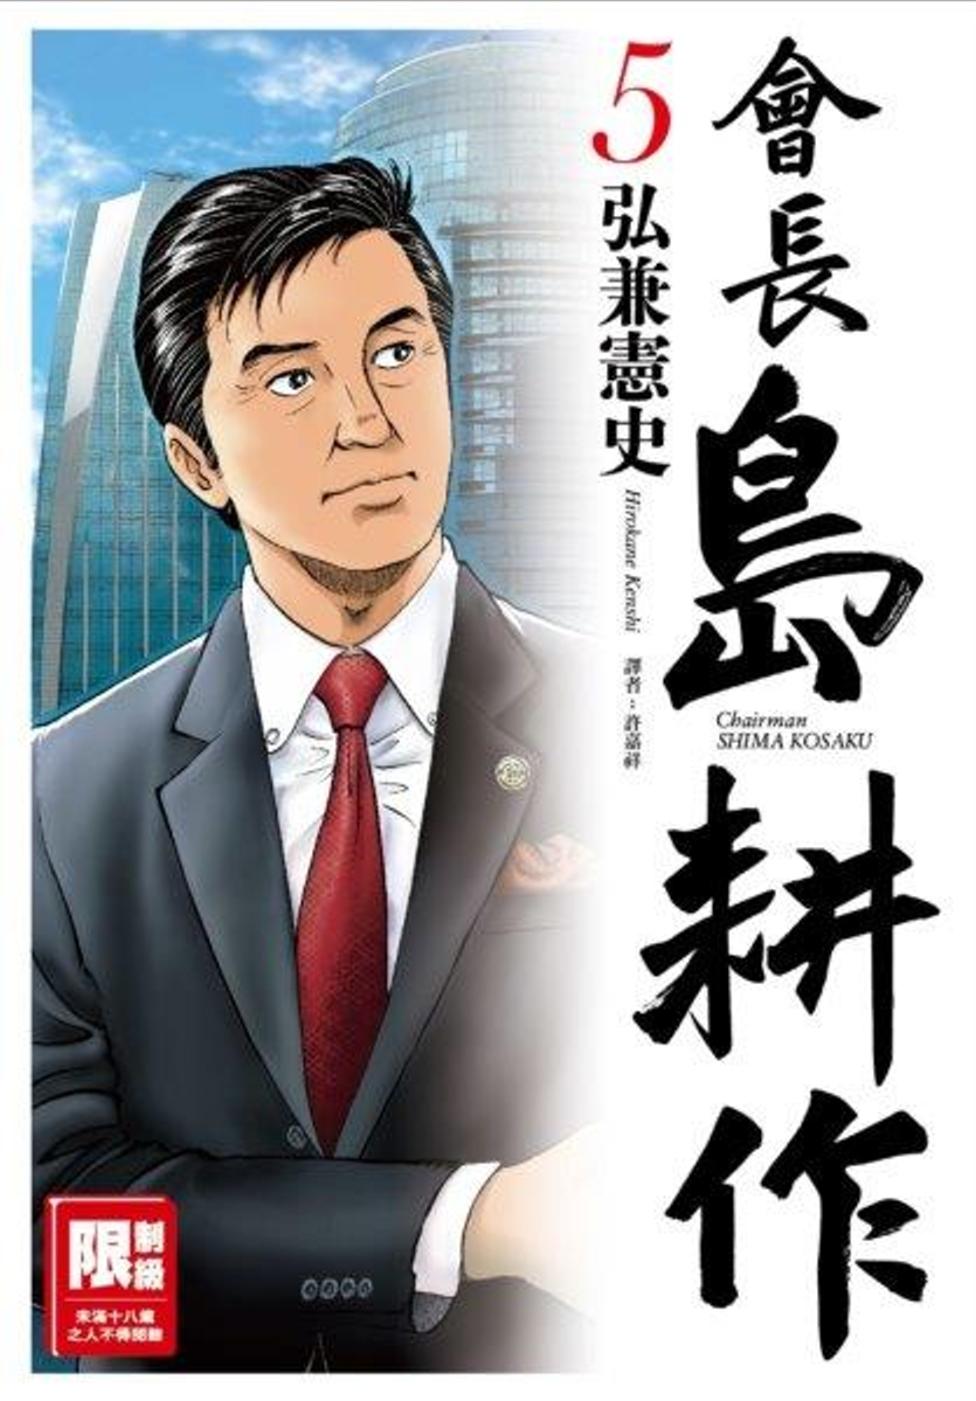 會長島耕作(05)(限台灣)